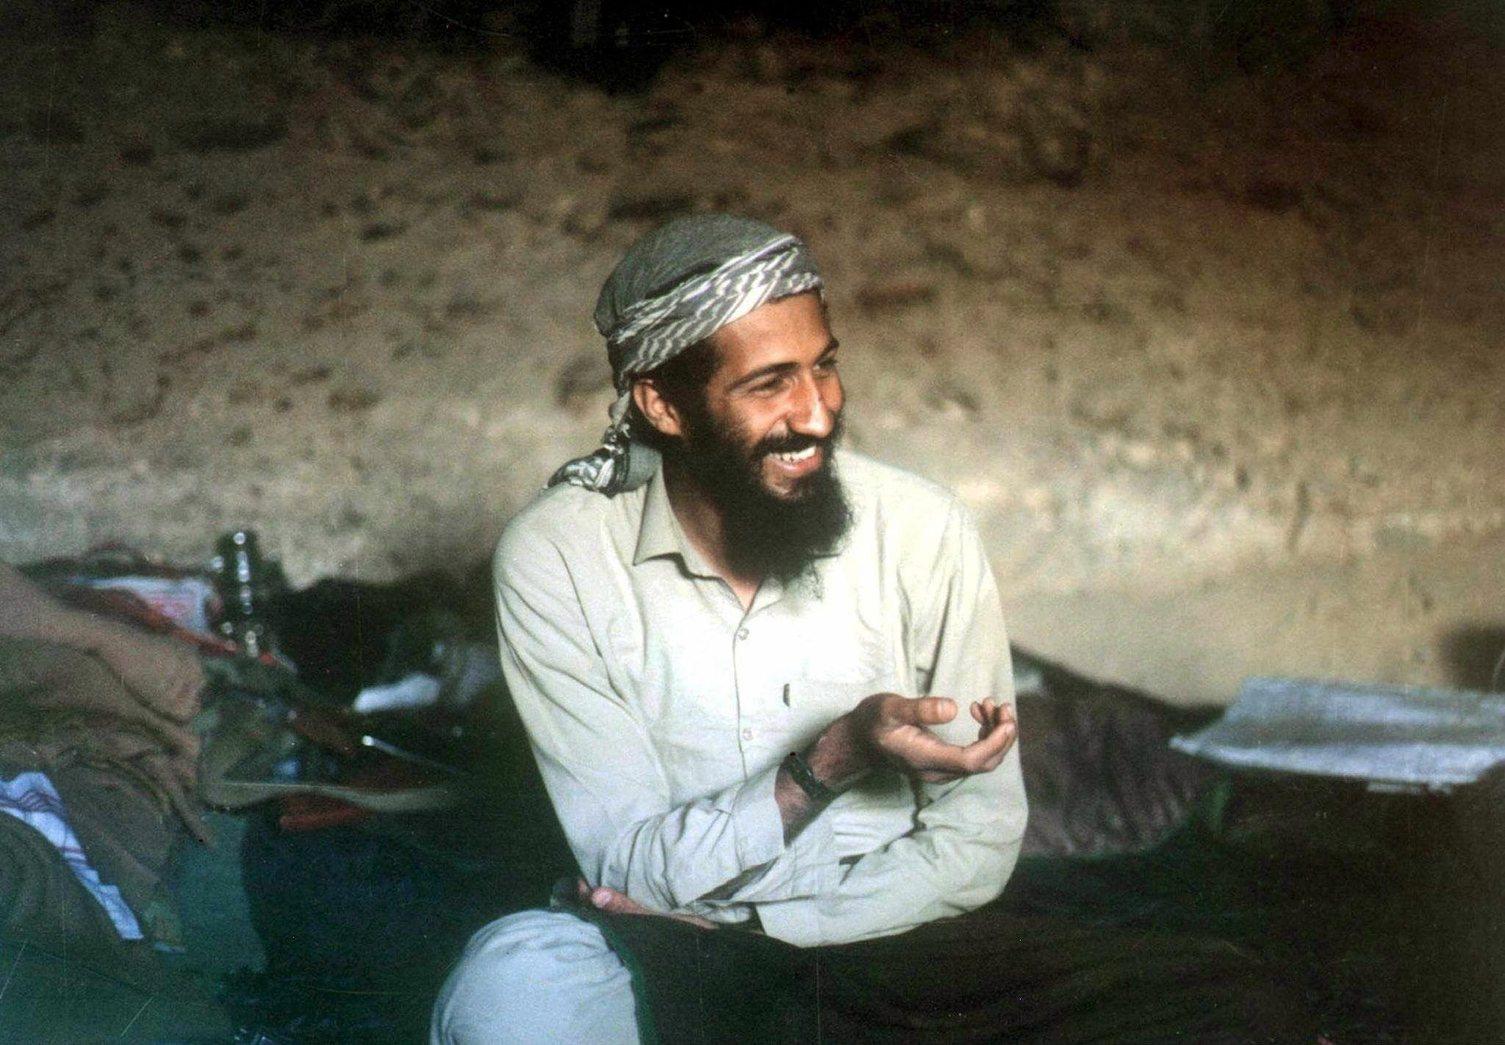 2006. szeptember 23. 1988-ban az afganisztáni Dzsalalábád vidékén található barlangban készült felvétel Oszama bin LADEN, az al-Kaida nemzetközi terrorhálózat vezetőjéről. A francia L'Est Republicain című regionális napilap információi szerint szaúdi titkosszolgálati források arról tájékoztattak, hogy a terrorista vezér 2006. augusztusában tífuszroham következtében meghalt. Az újság írását egy, a francia titkosszolgálatnak küldött titkos dokumentumra alapozza. (MTI/EPA/STR)